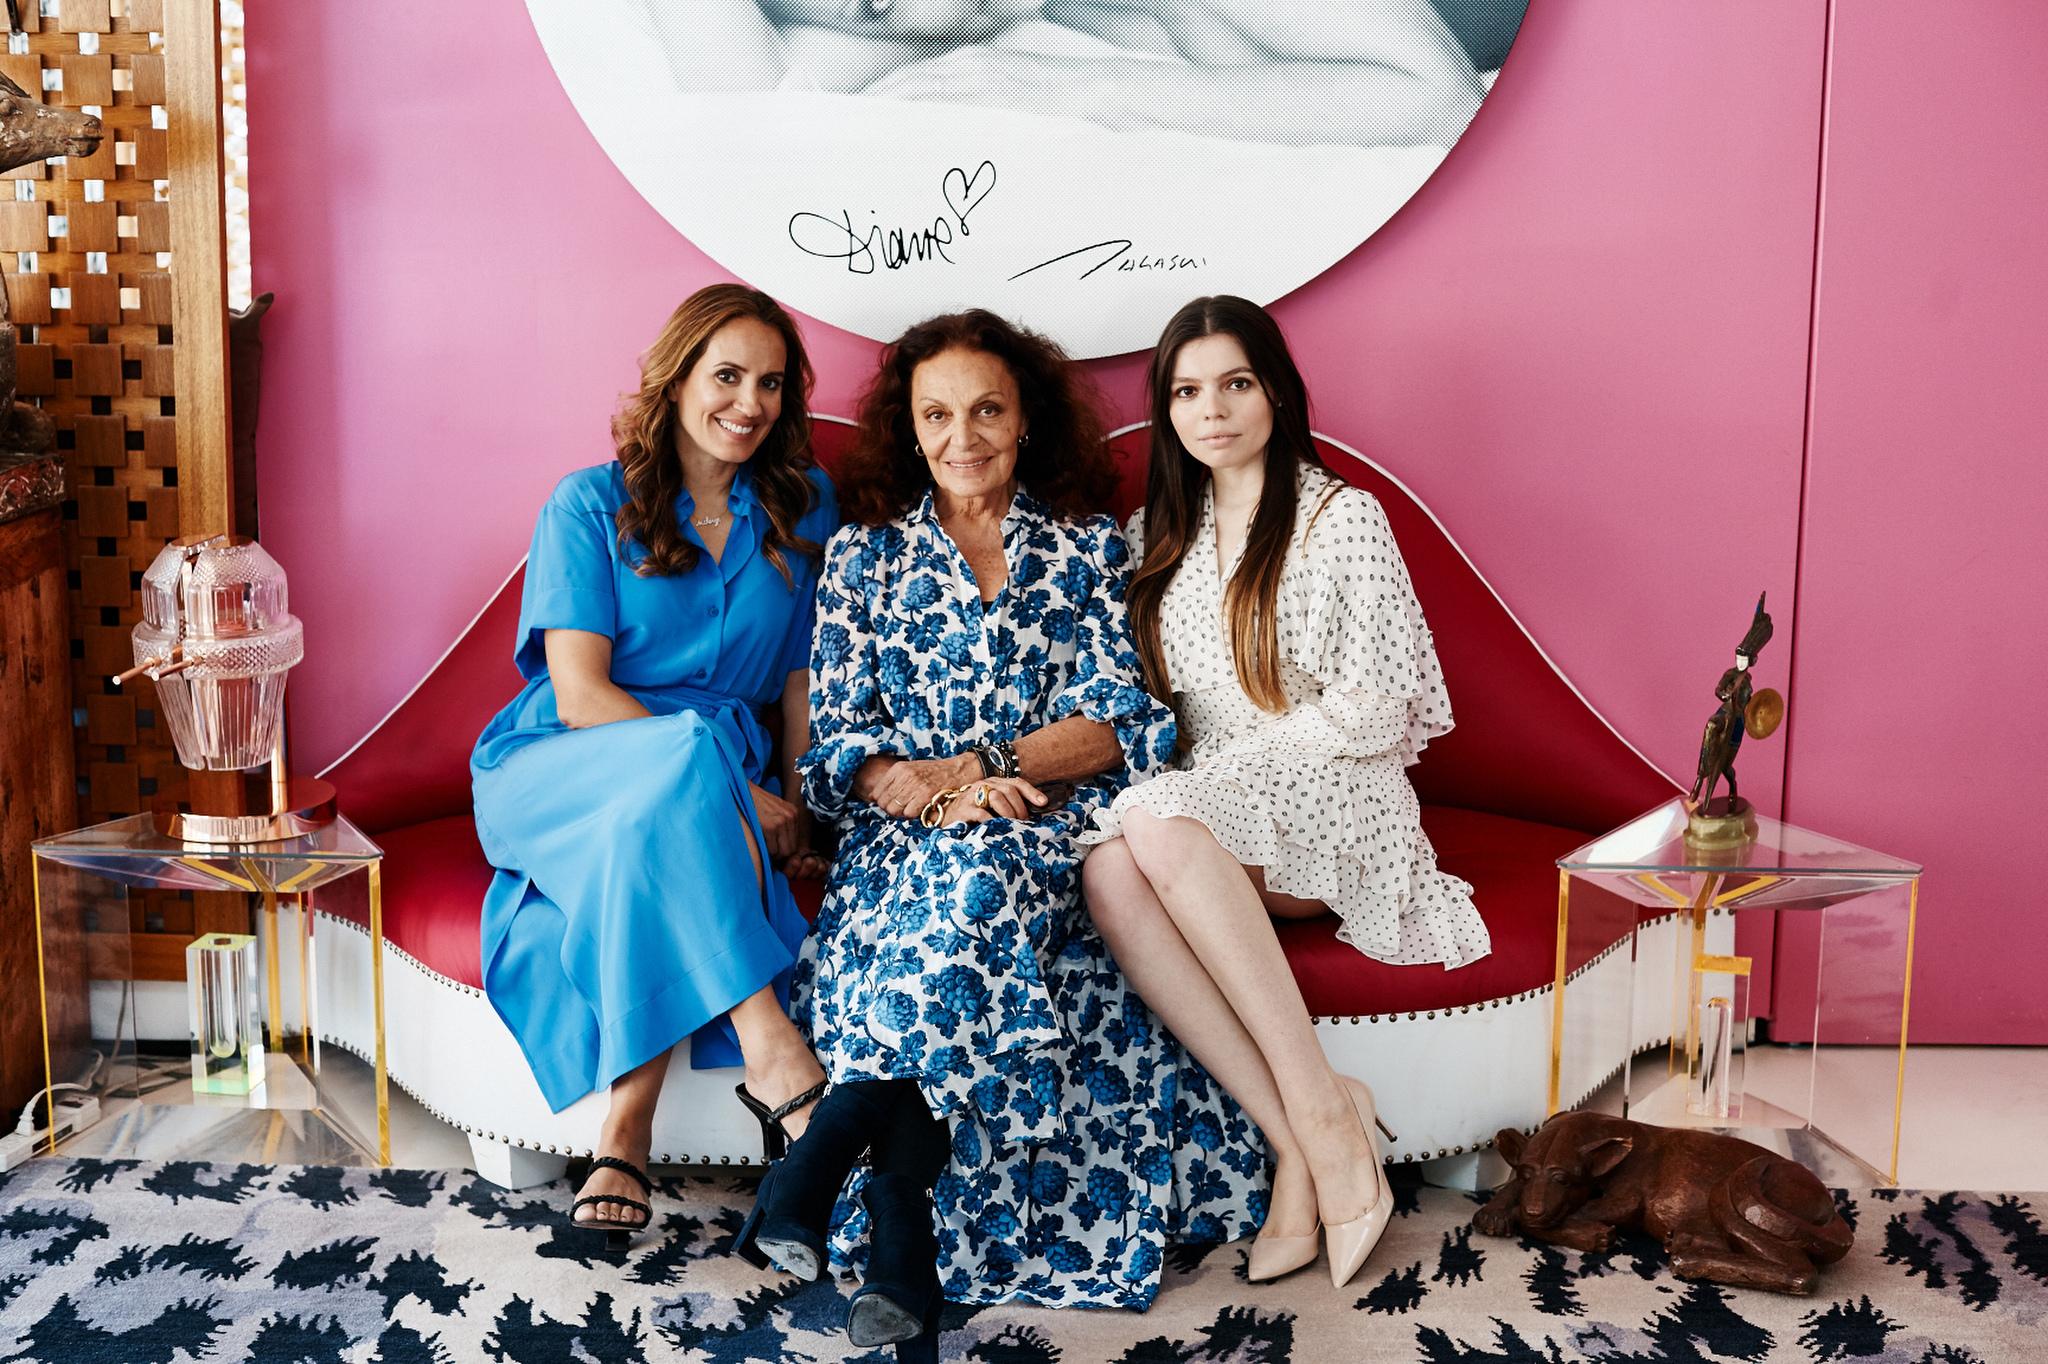 Sandra Campos, Diane von Furstenburg, and Daniella Pierson